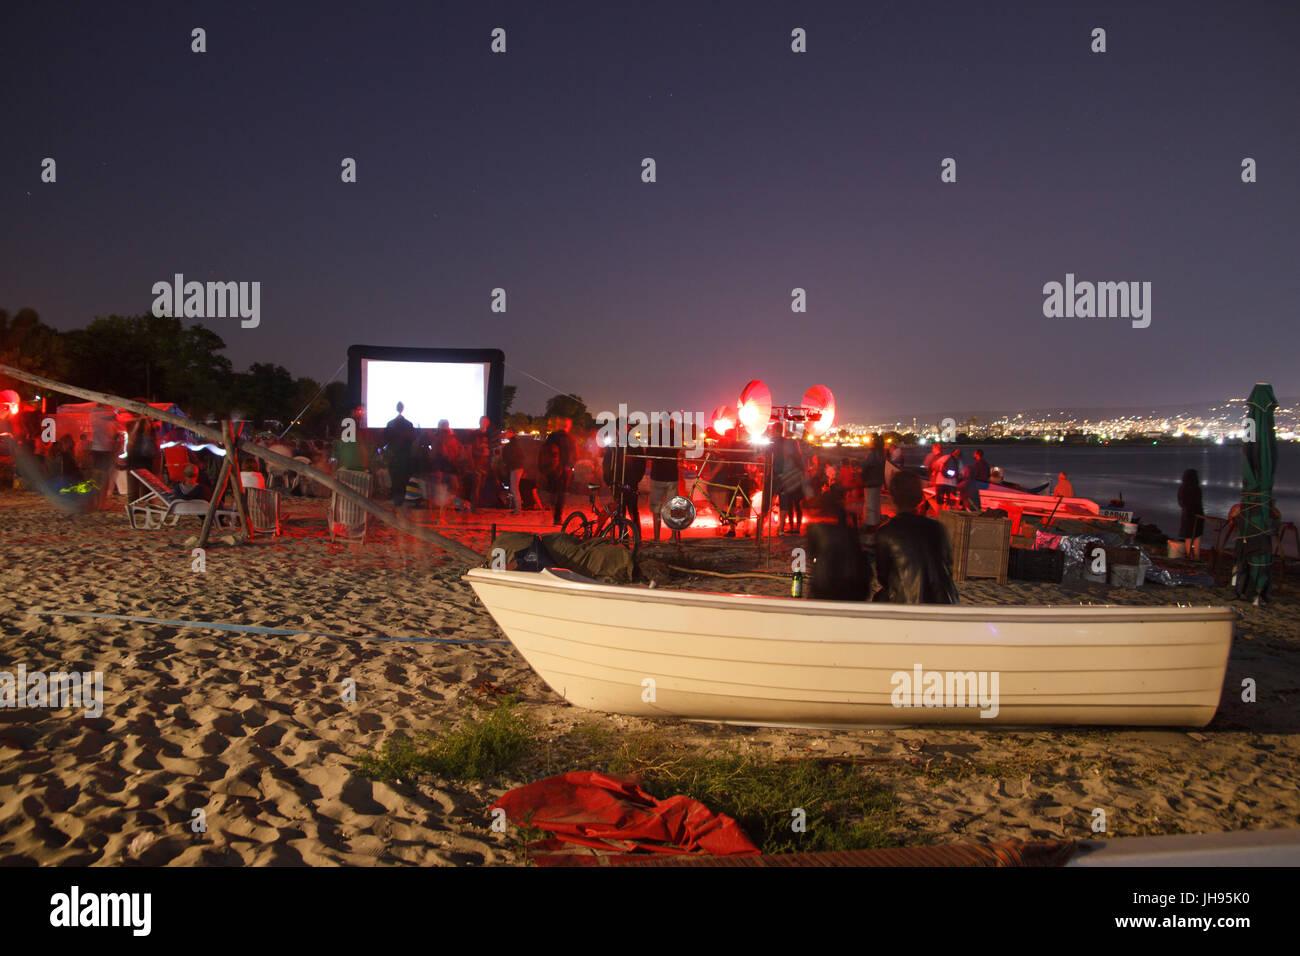 Cine en la playa por la noche Imagen De Stock